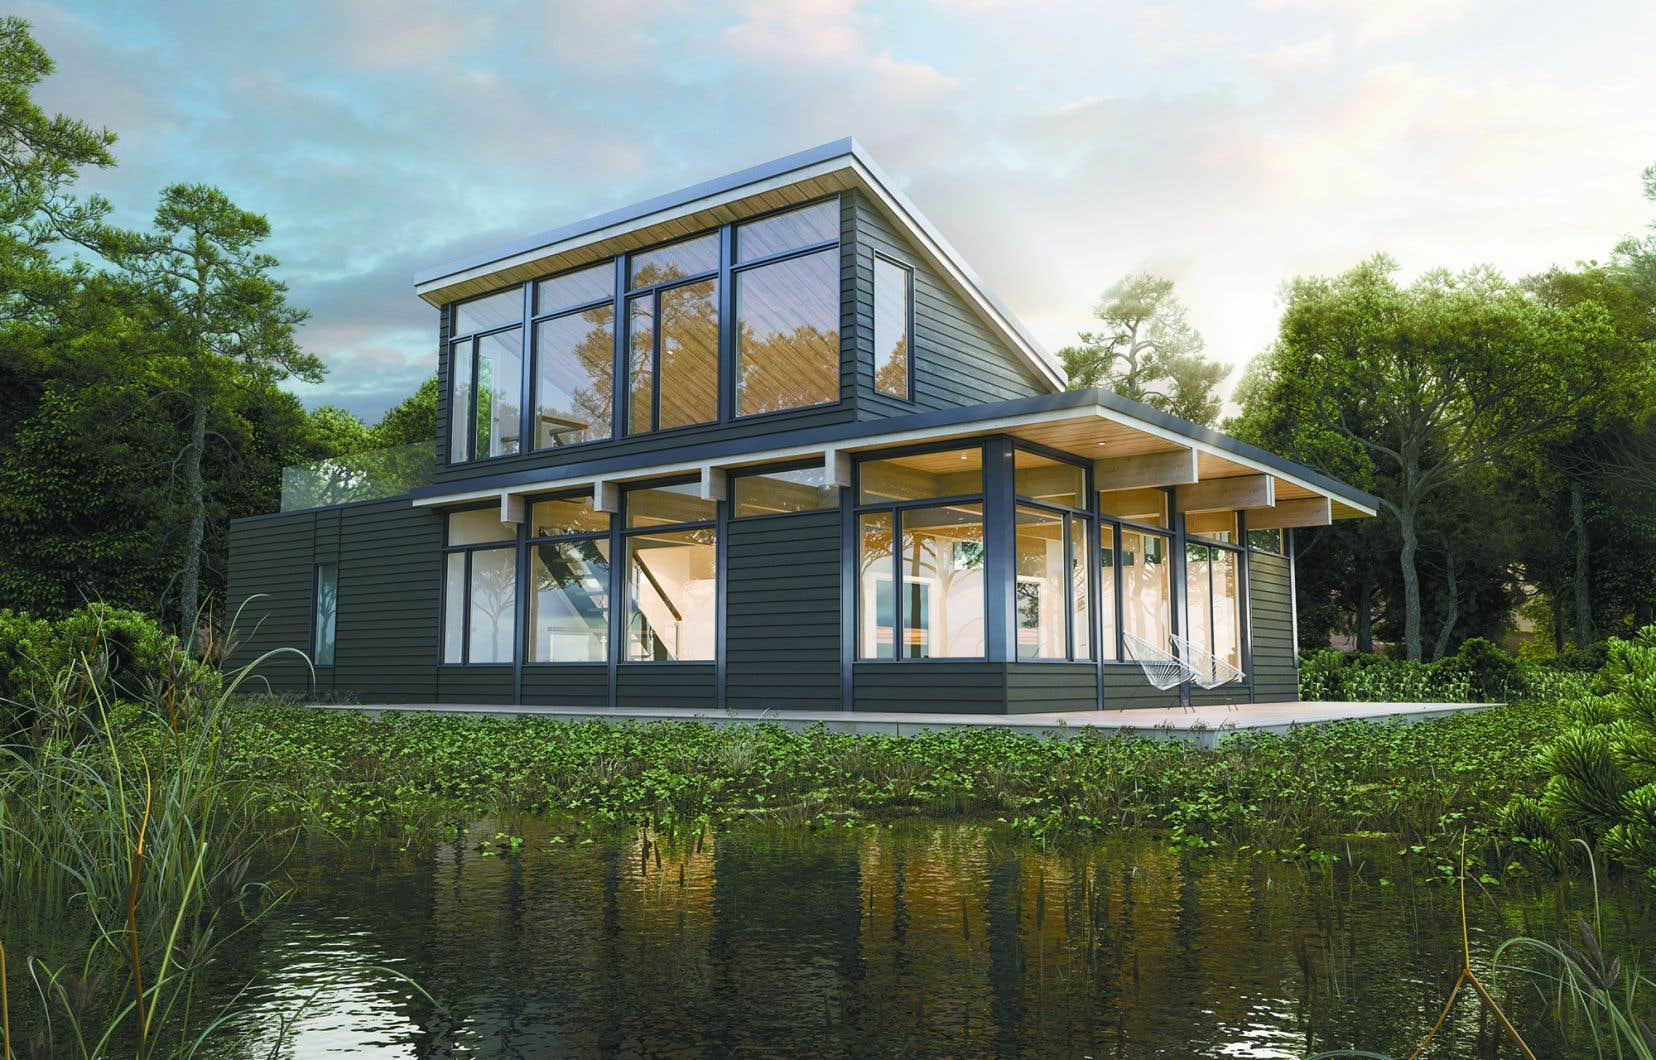 Avec ses hauts plafonds de bois de près de 10' se prolongeant vers l'extérieur et sesimpressionnantes fenêtres, la série Natur est maintenant indissociable du nom Bonneville.